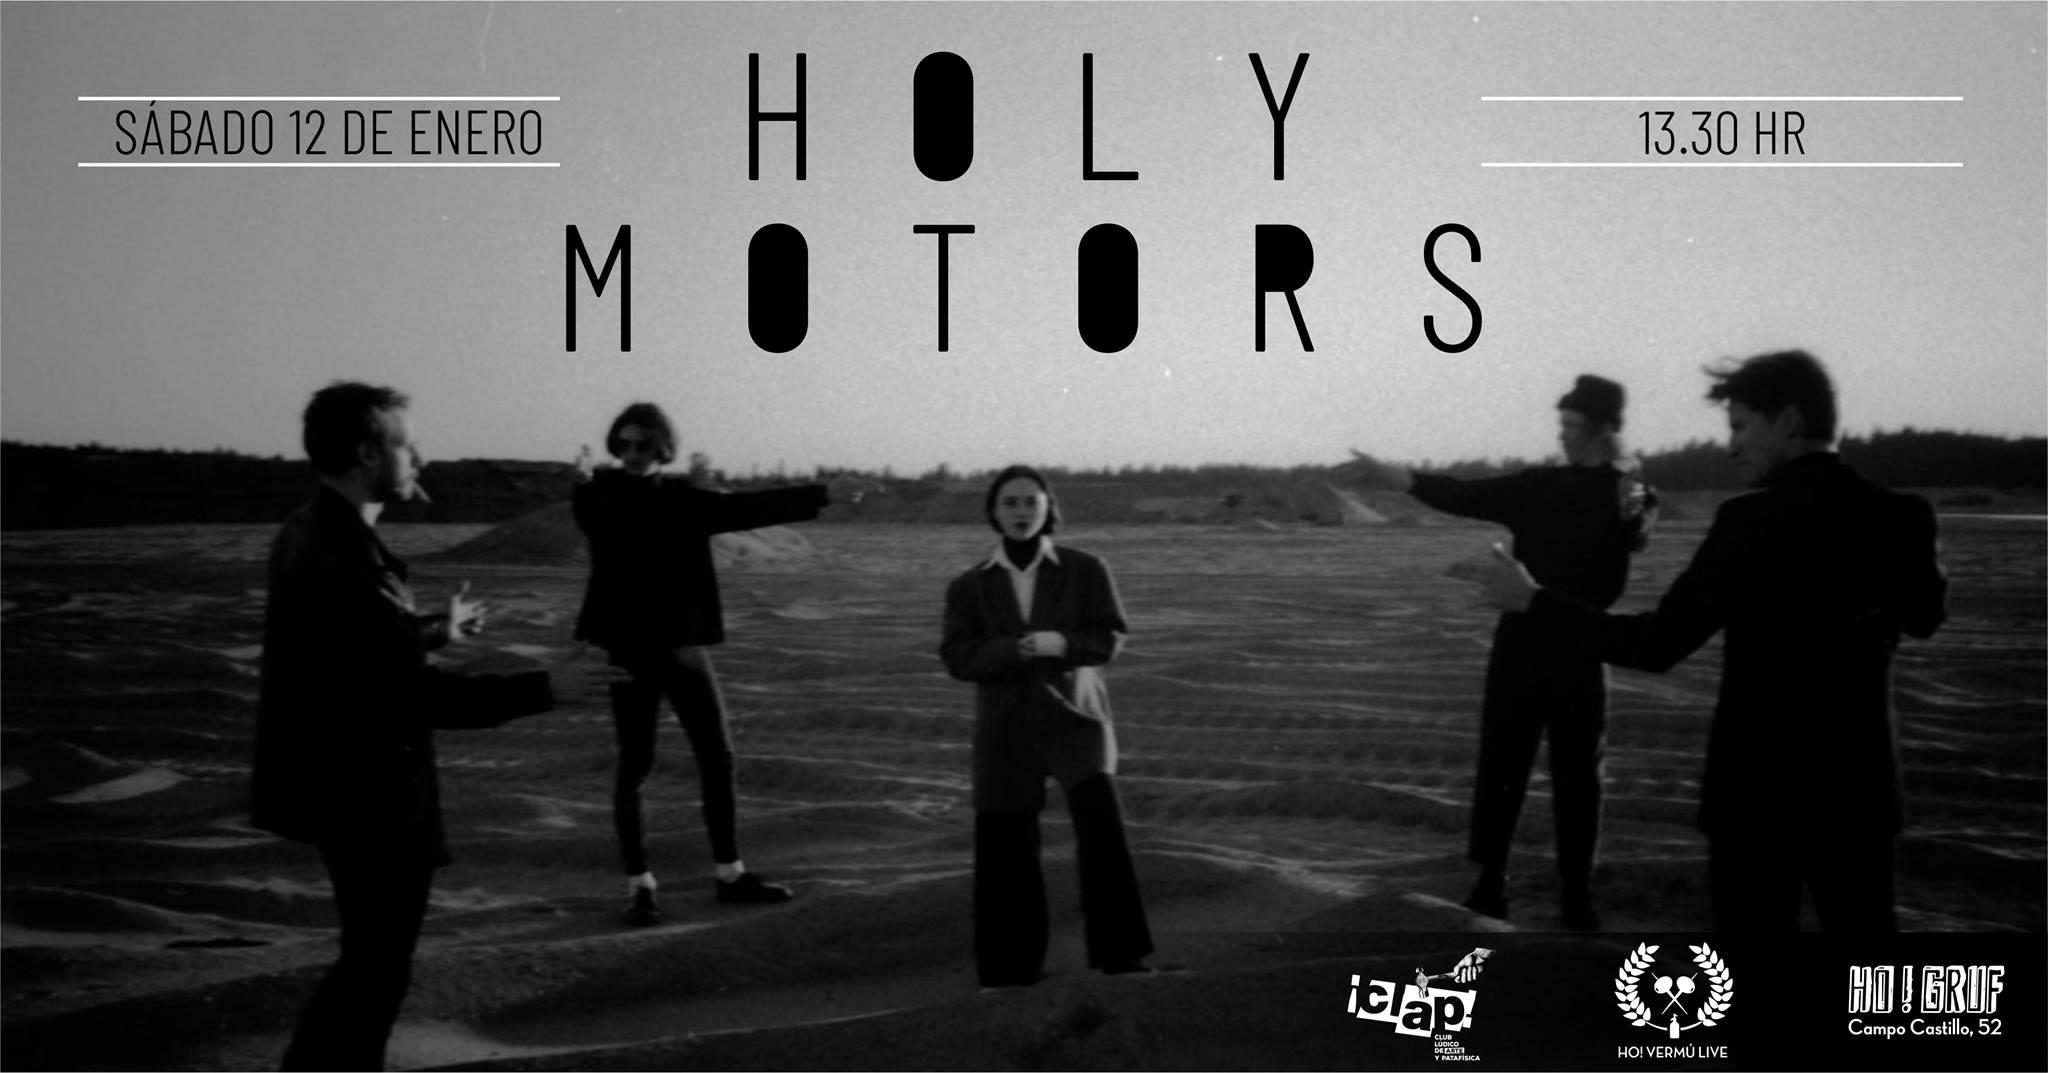 Concierto de Holy Motors en el Ho! Gruf